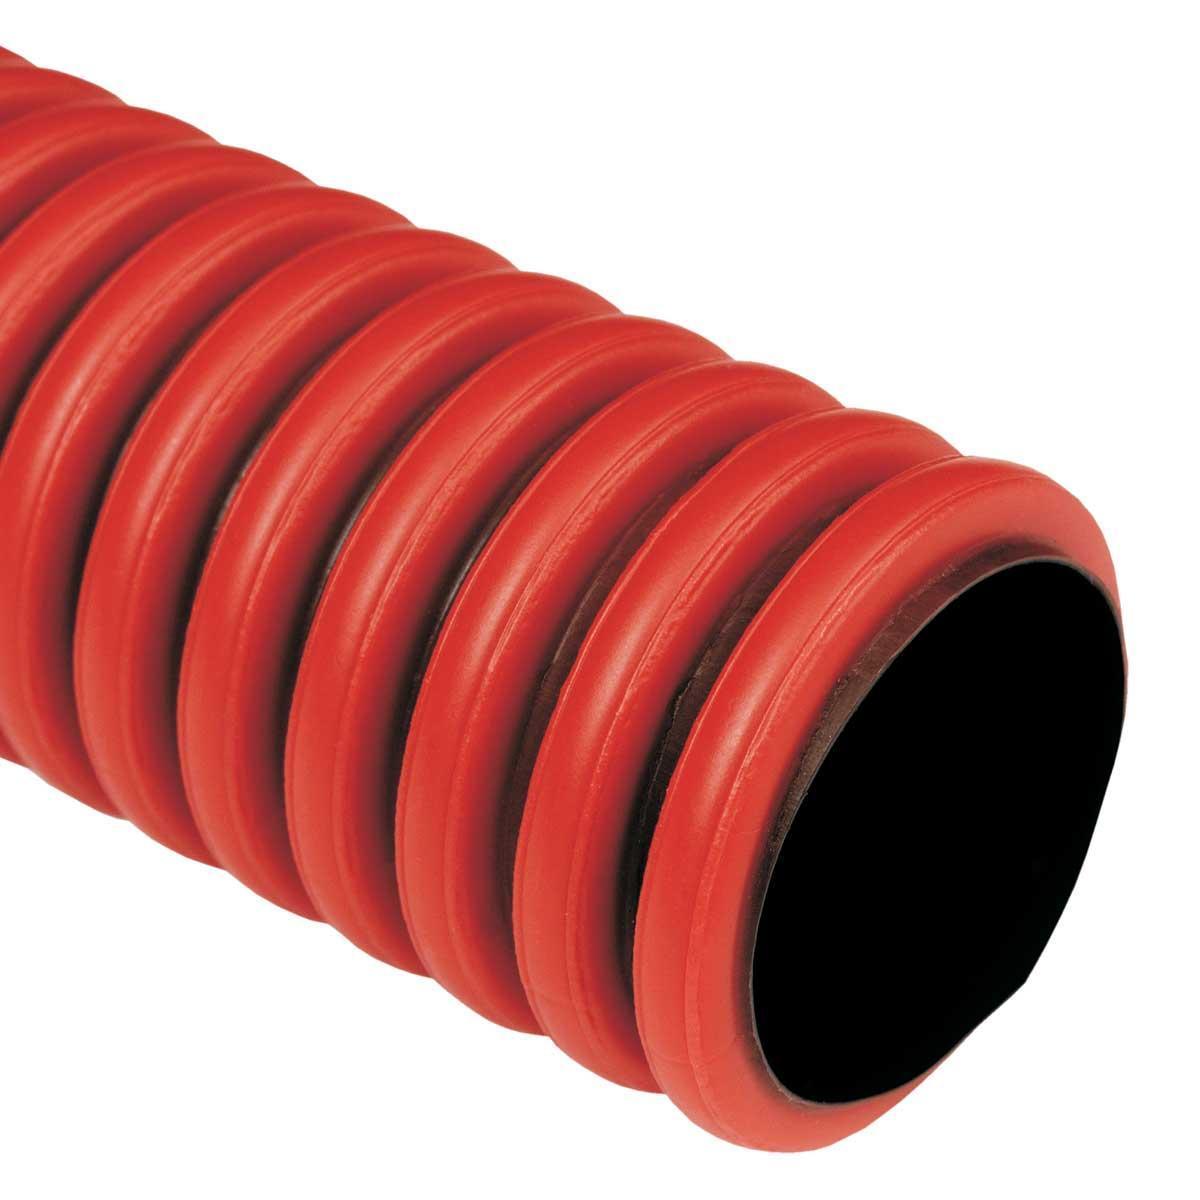 Труба гофрована гнучка двошарова Копофлекс, чорна, протяжка, ; Ø90мм; поліетилен HDPE